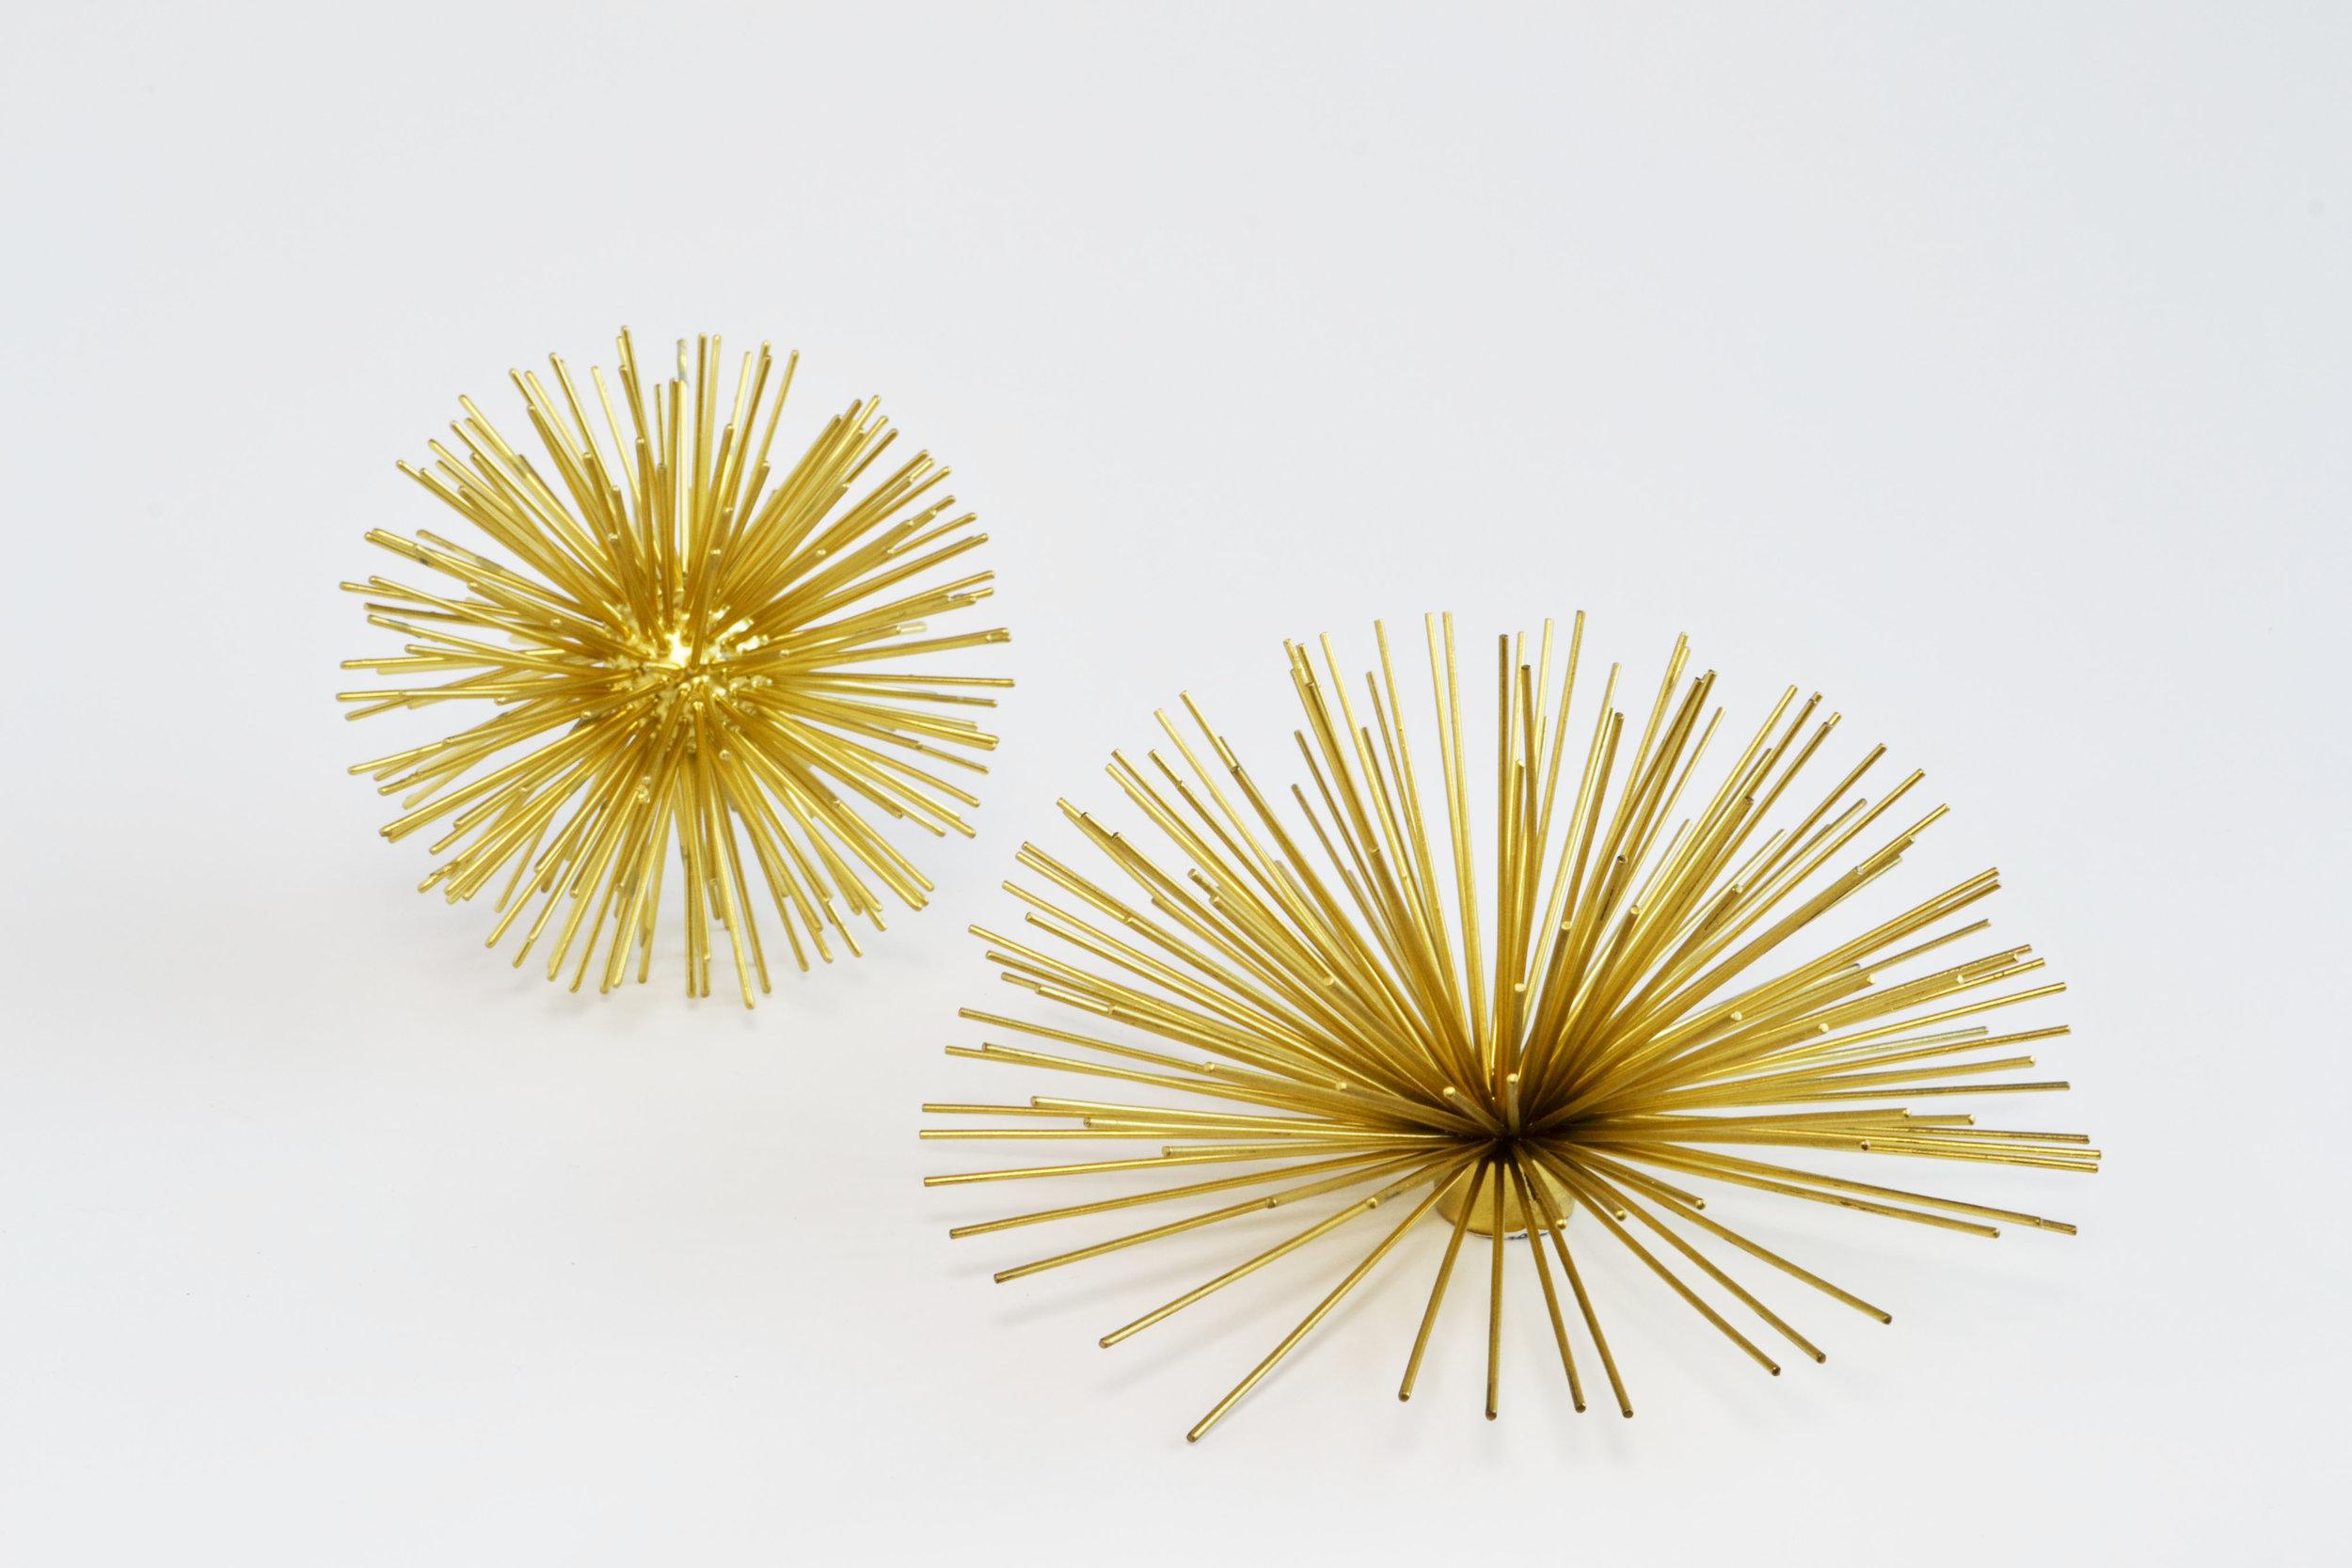 sea urchin - gold decor (small)   Quantity: 4  Price: $5.50